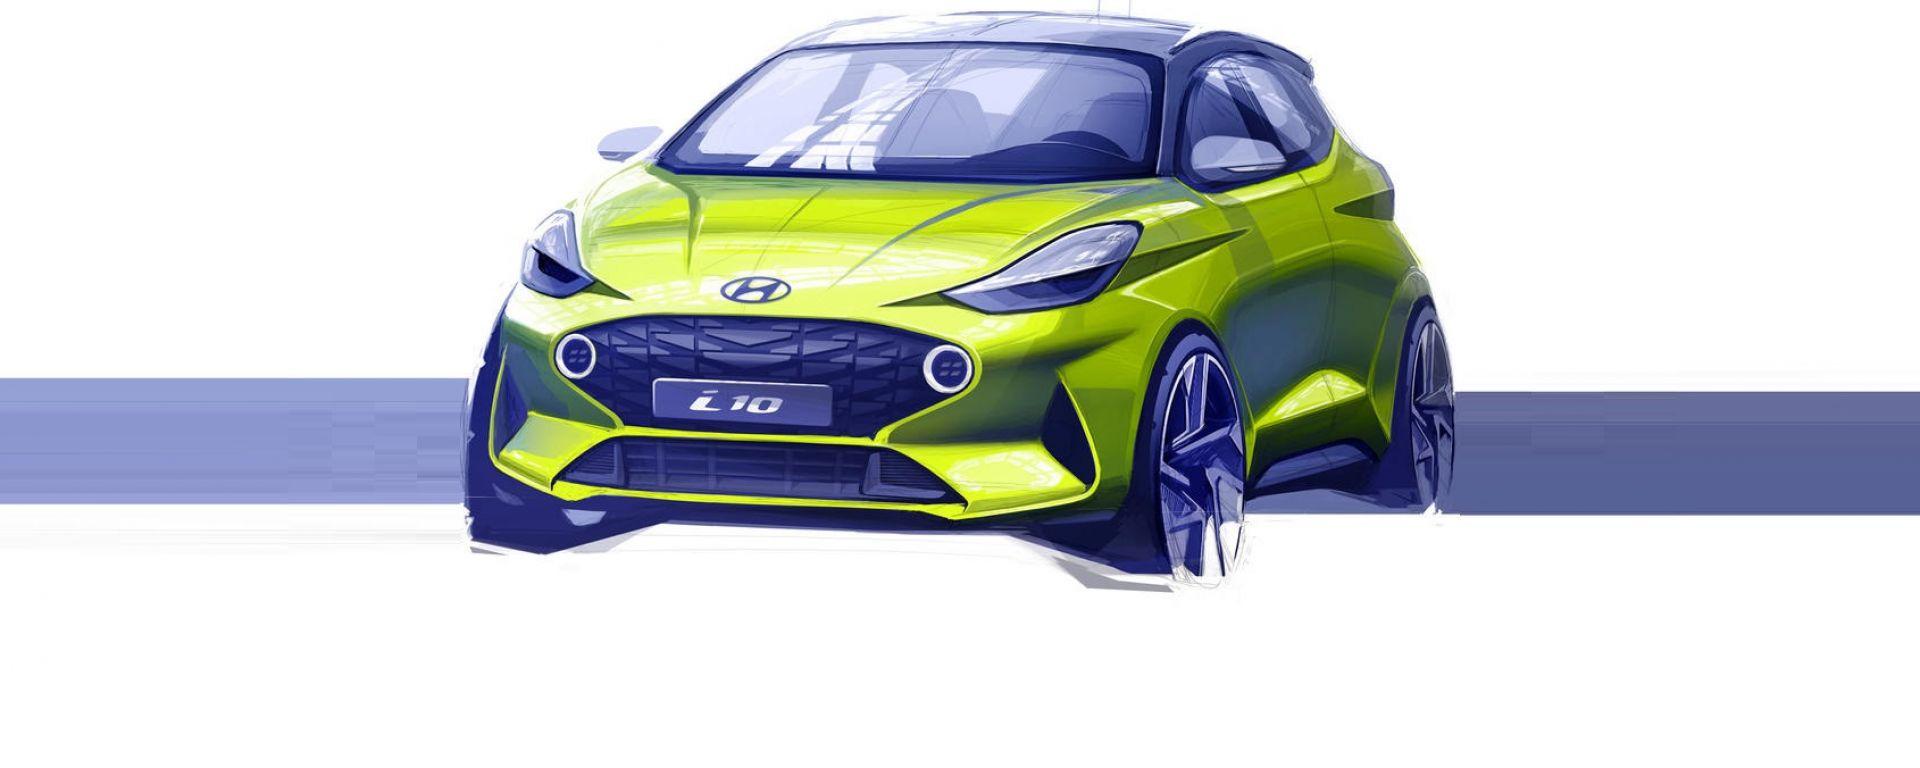 Nuova Hyundai i10 2020: il disegno teaser